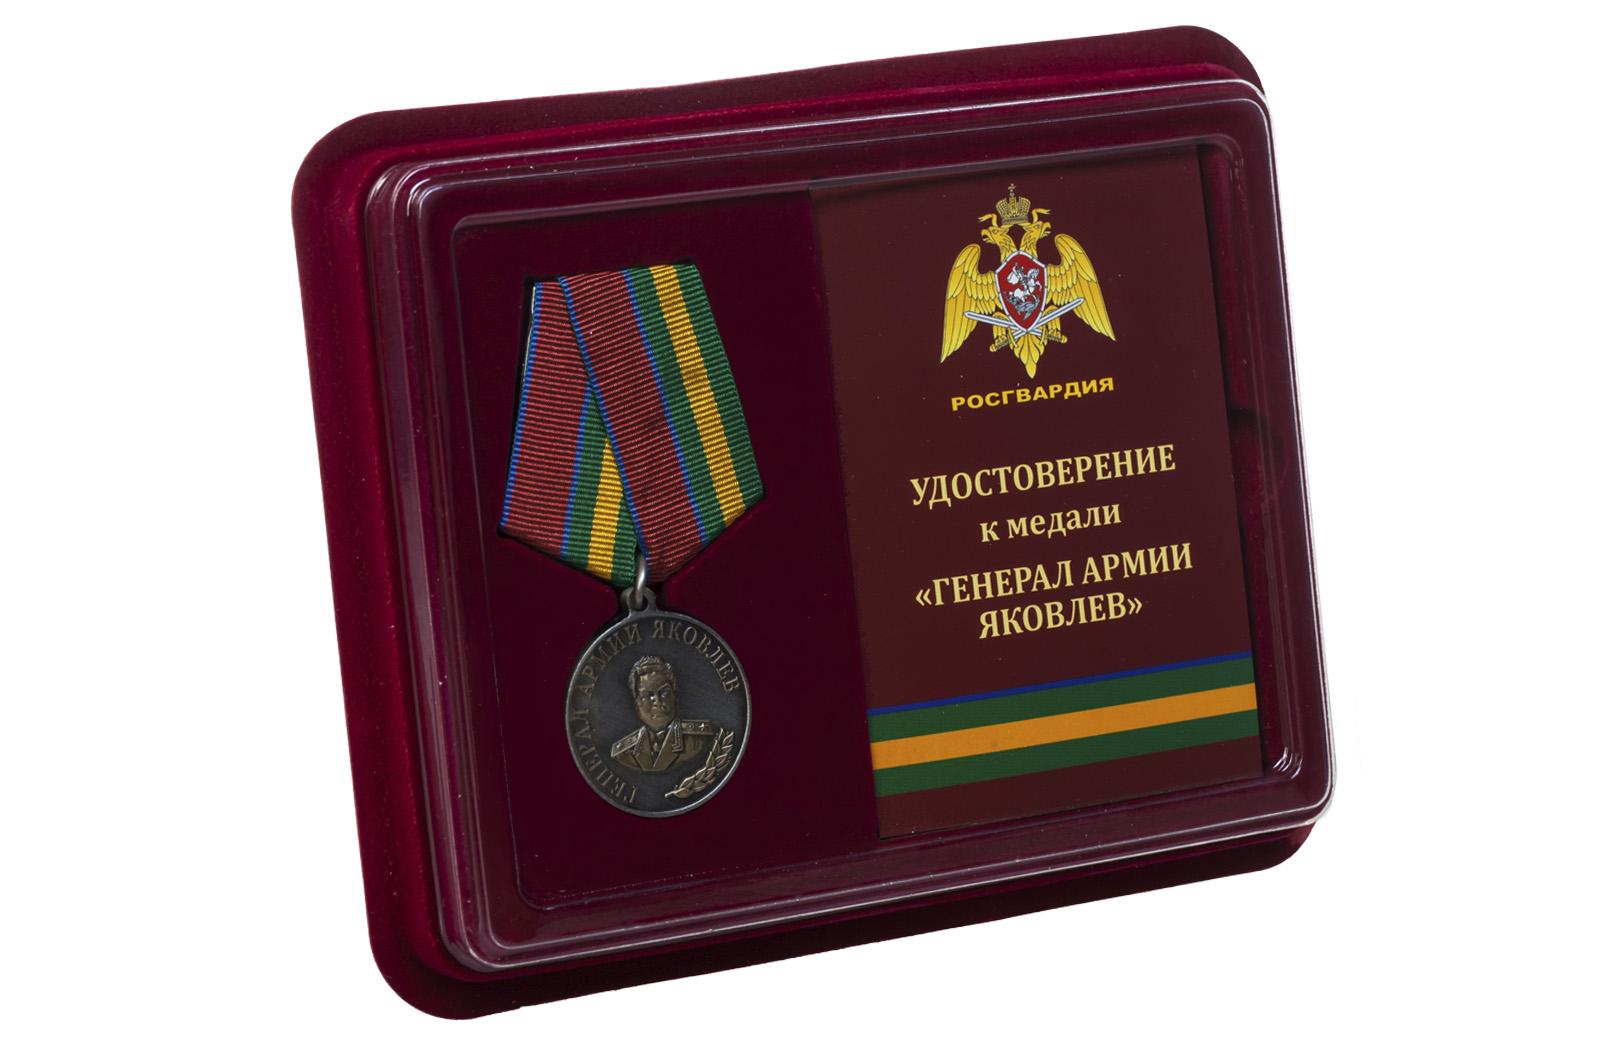 """Медаль """"Генерал Армии Яковлев"""" (Росгвардия) купить в подарок"""